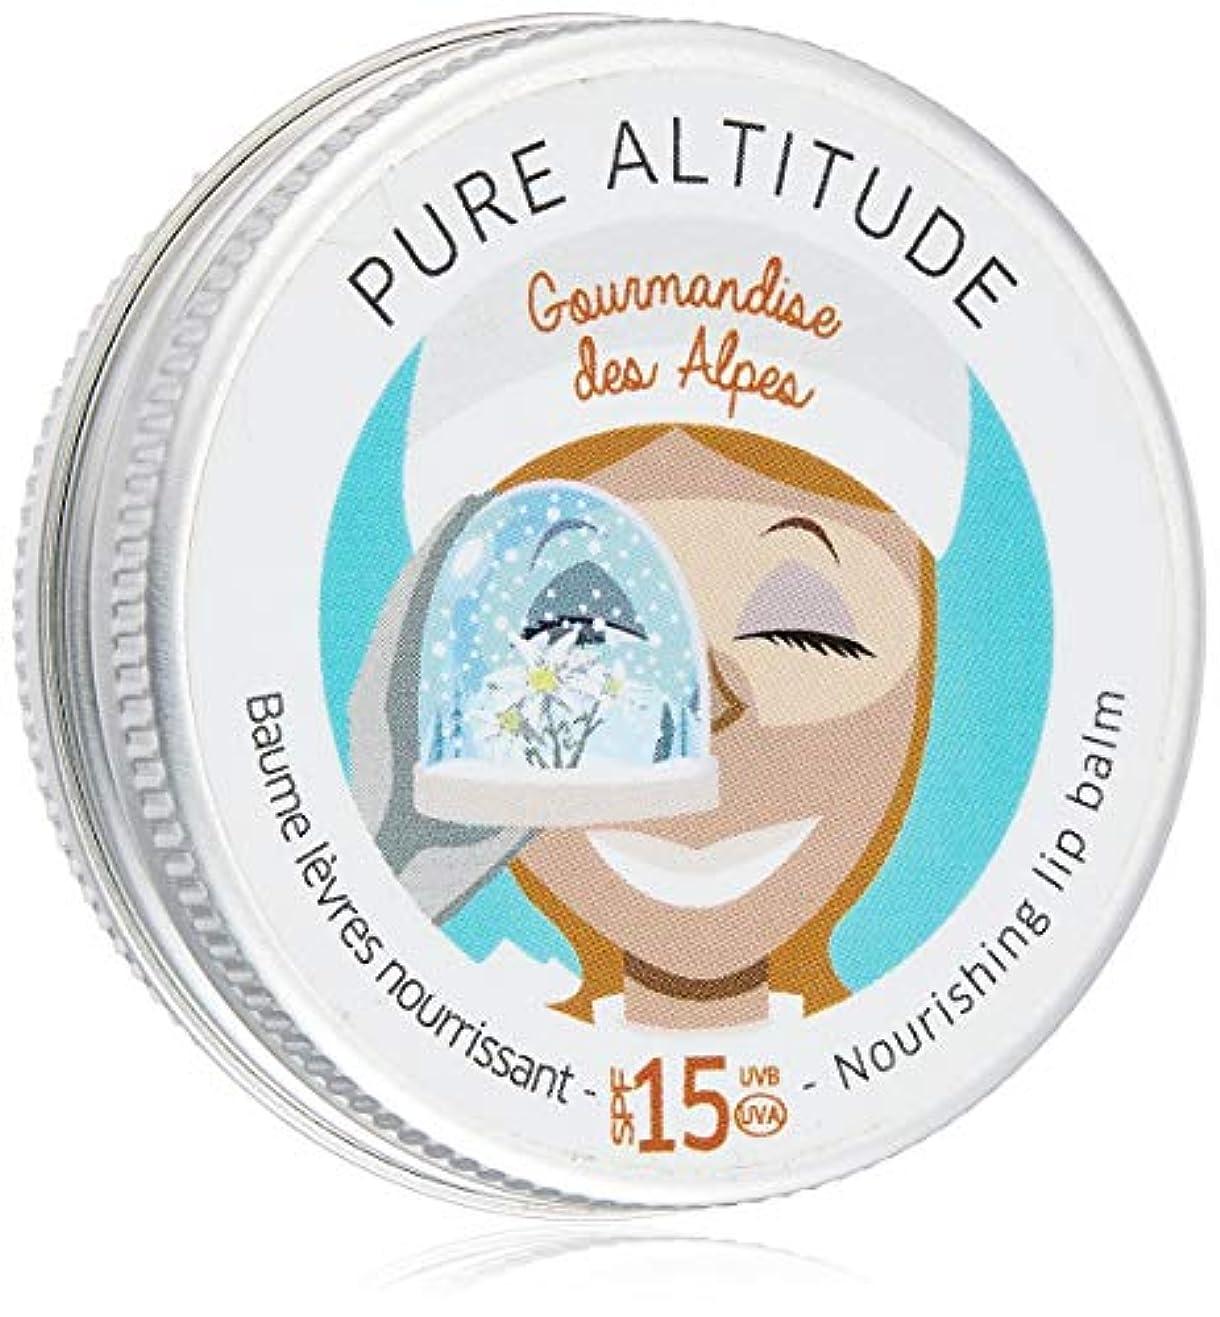 ブラウズ予知休戦Pure(ピュール) GOURMANDISE DES ALPES 18g